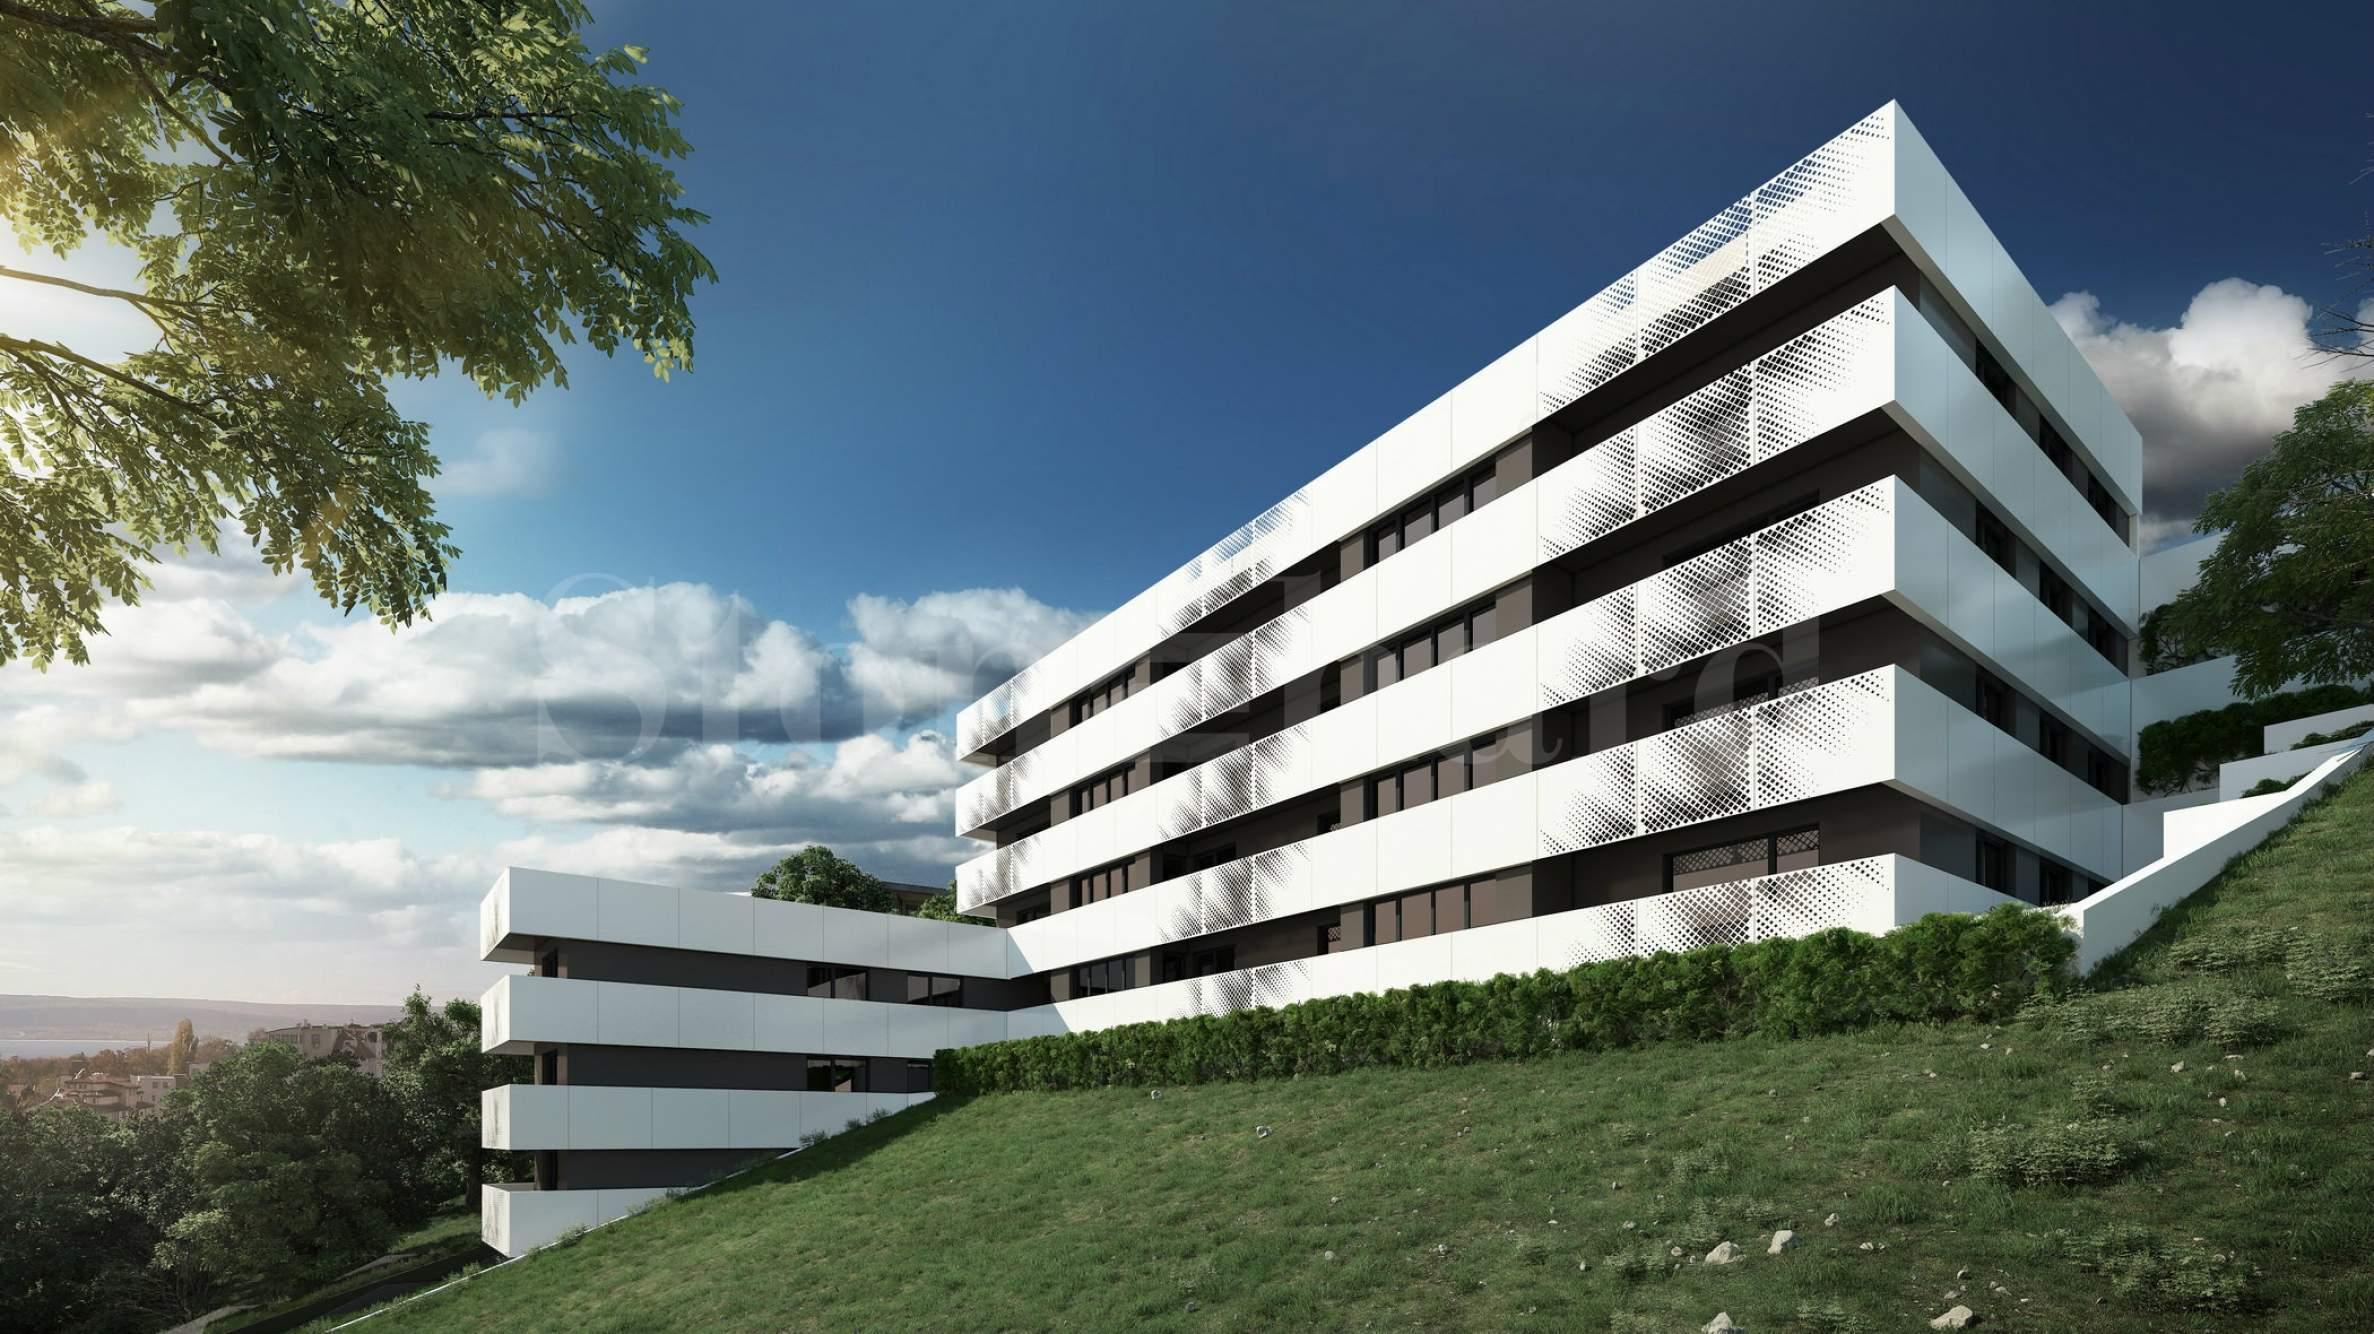 Нова жилищна сграда в централната част на кв. Бриз1 - Stonehard